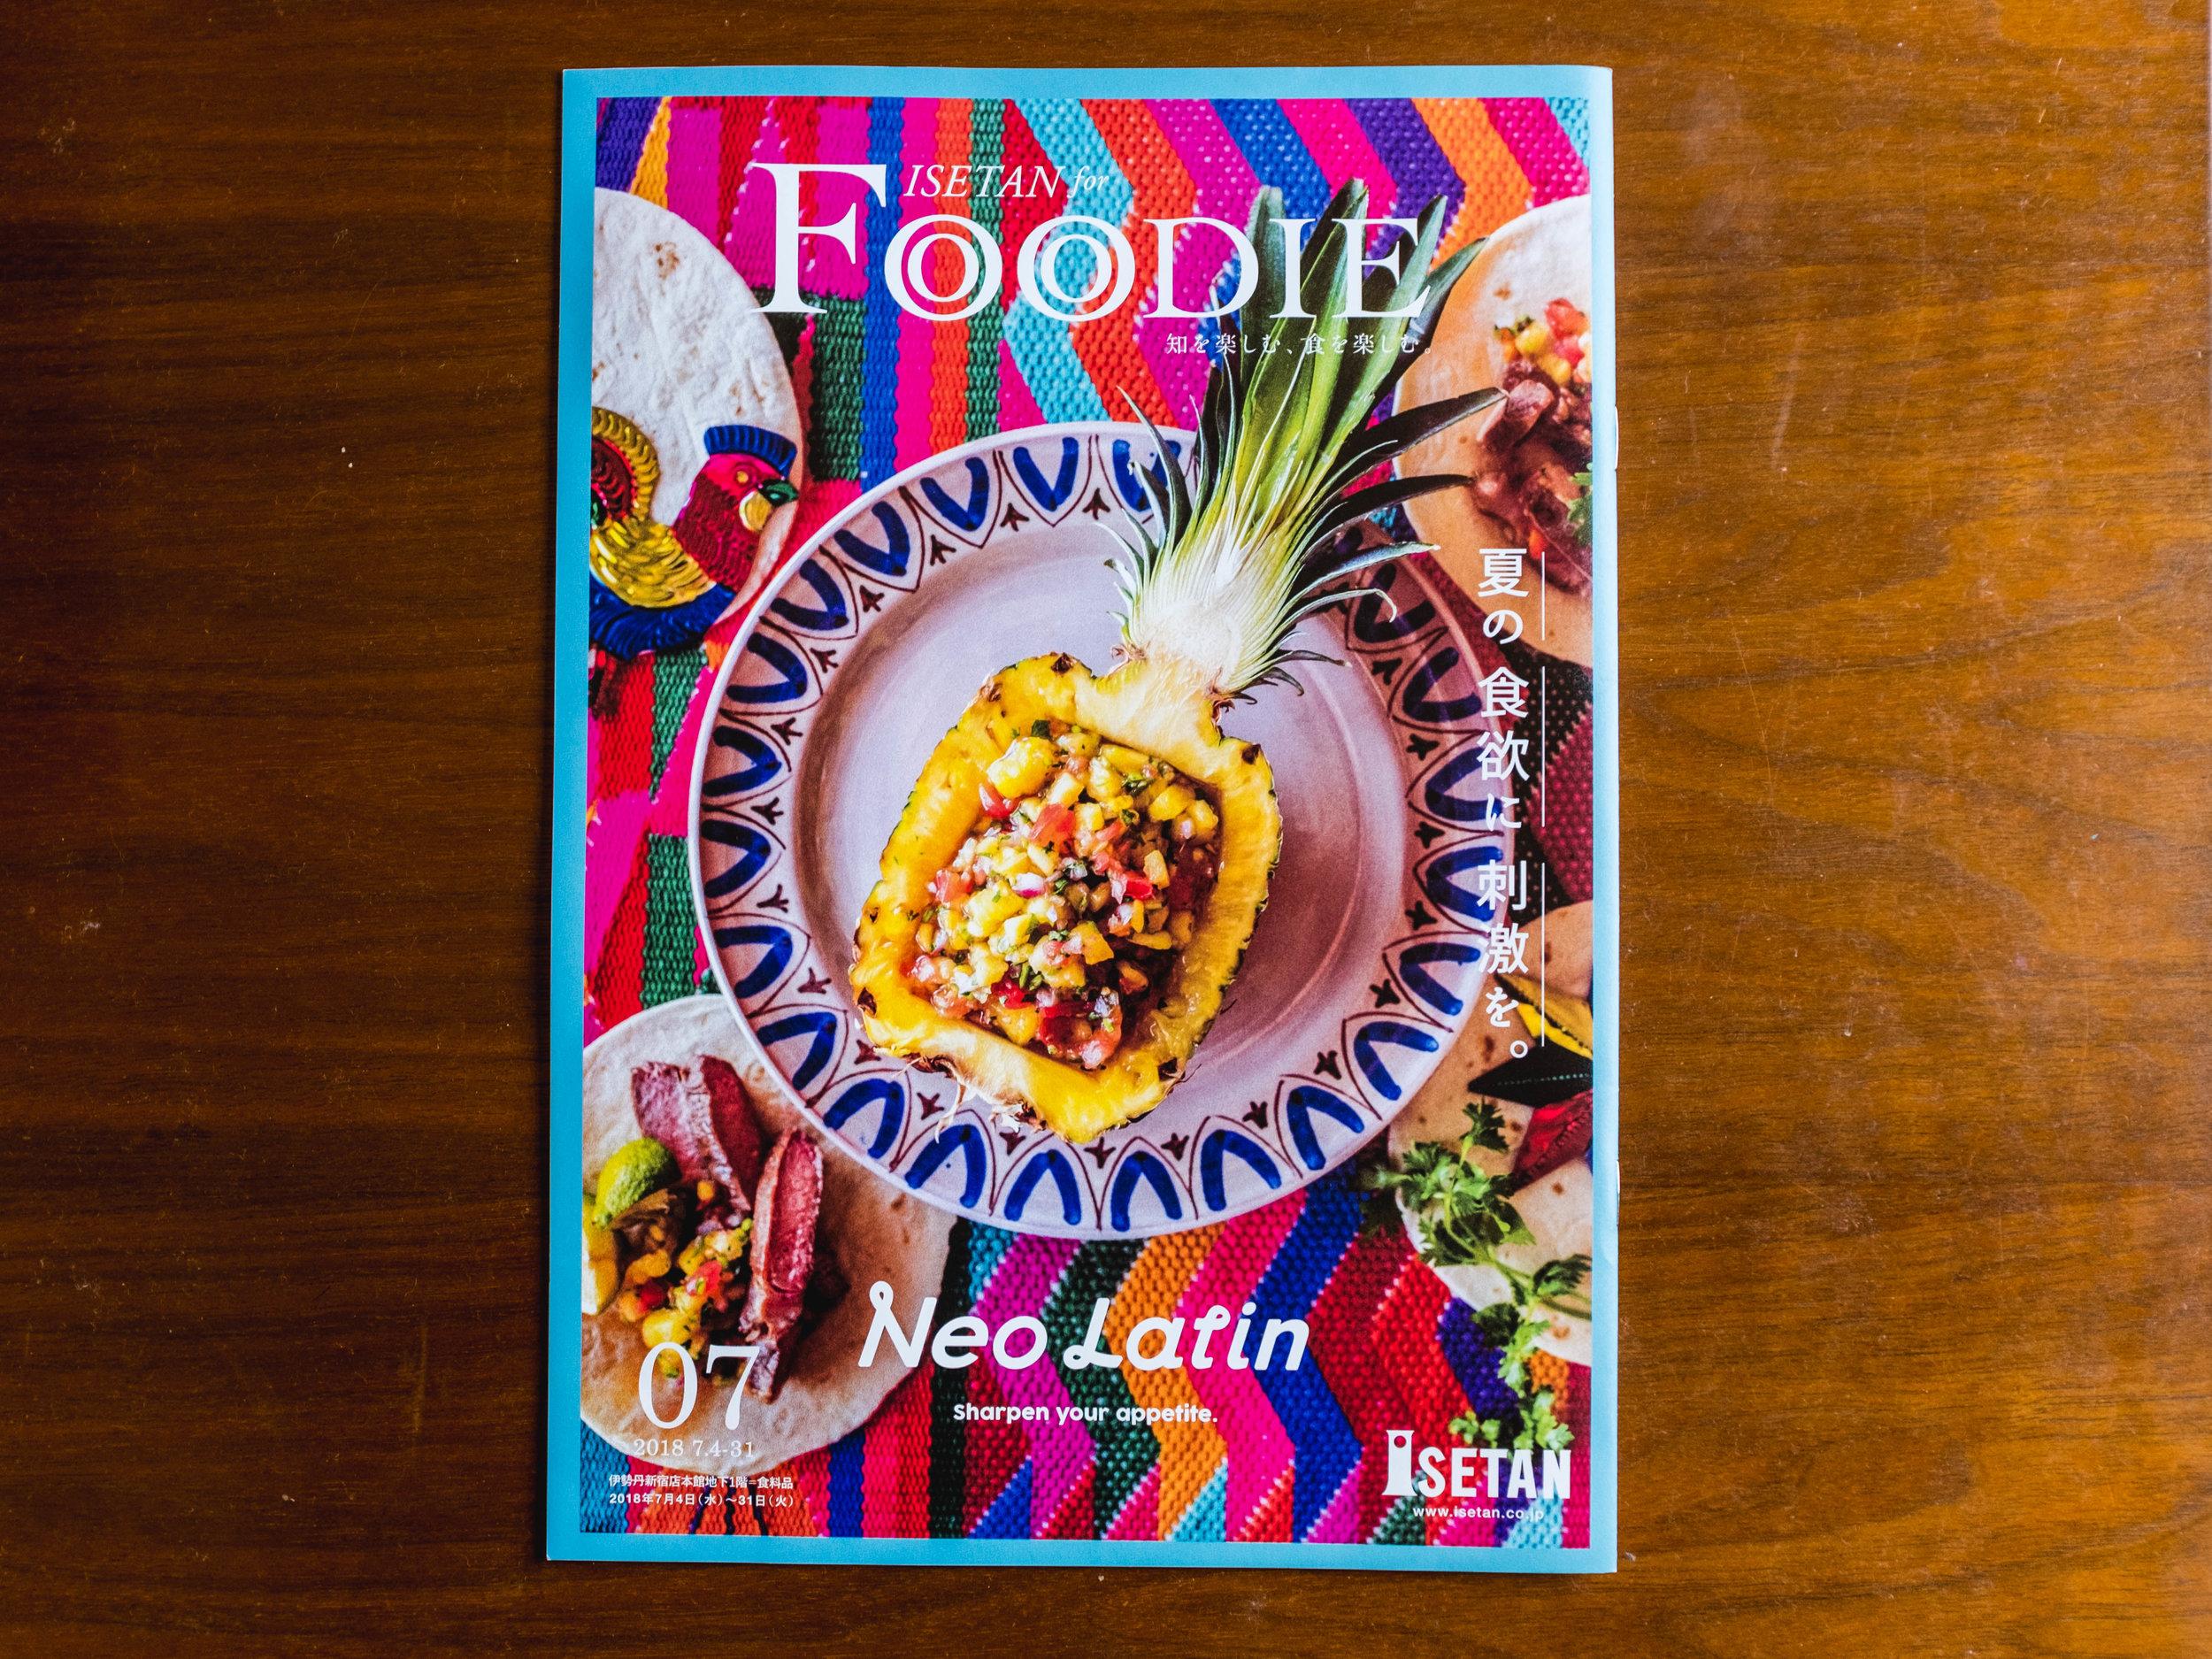 ISETAN for FOODIE7月号表紙、中ページと撮影させていただいております。